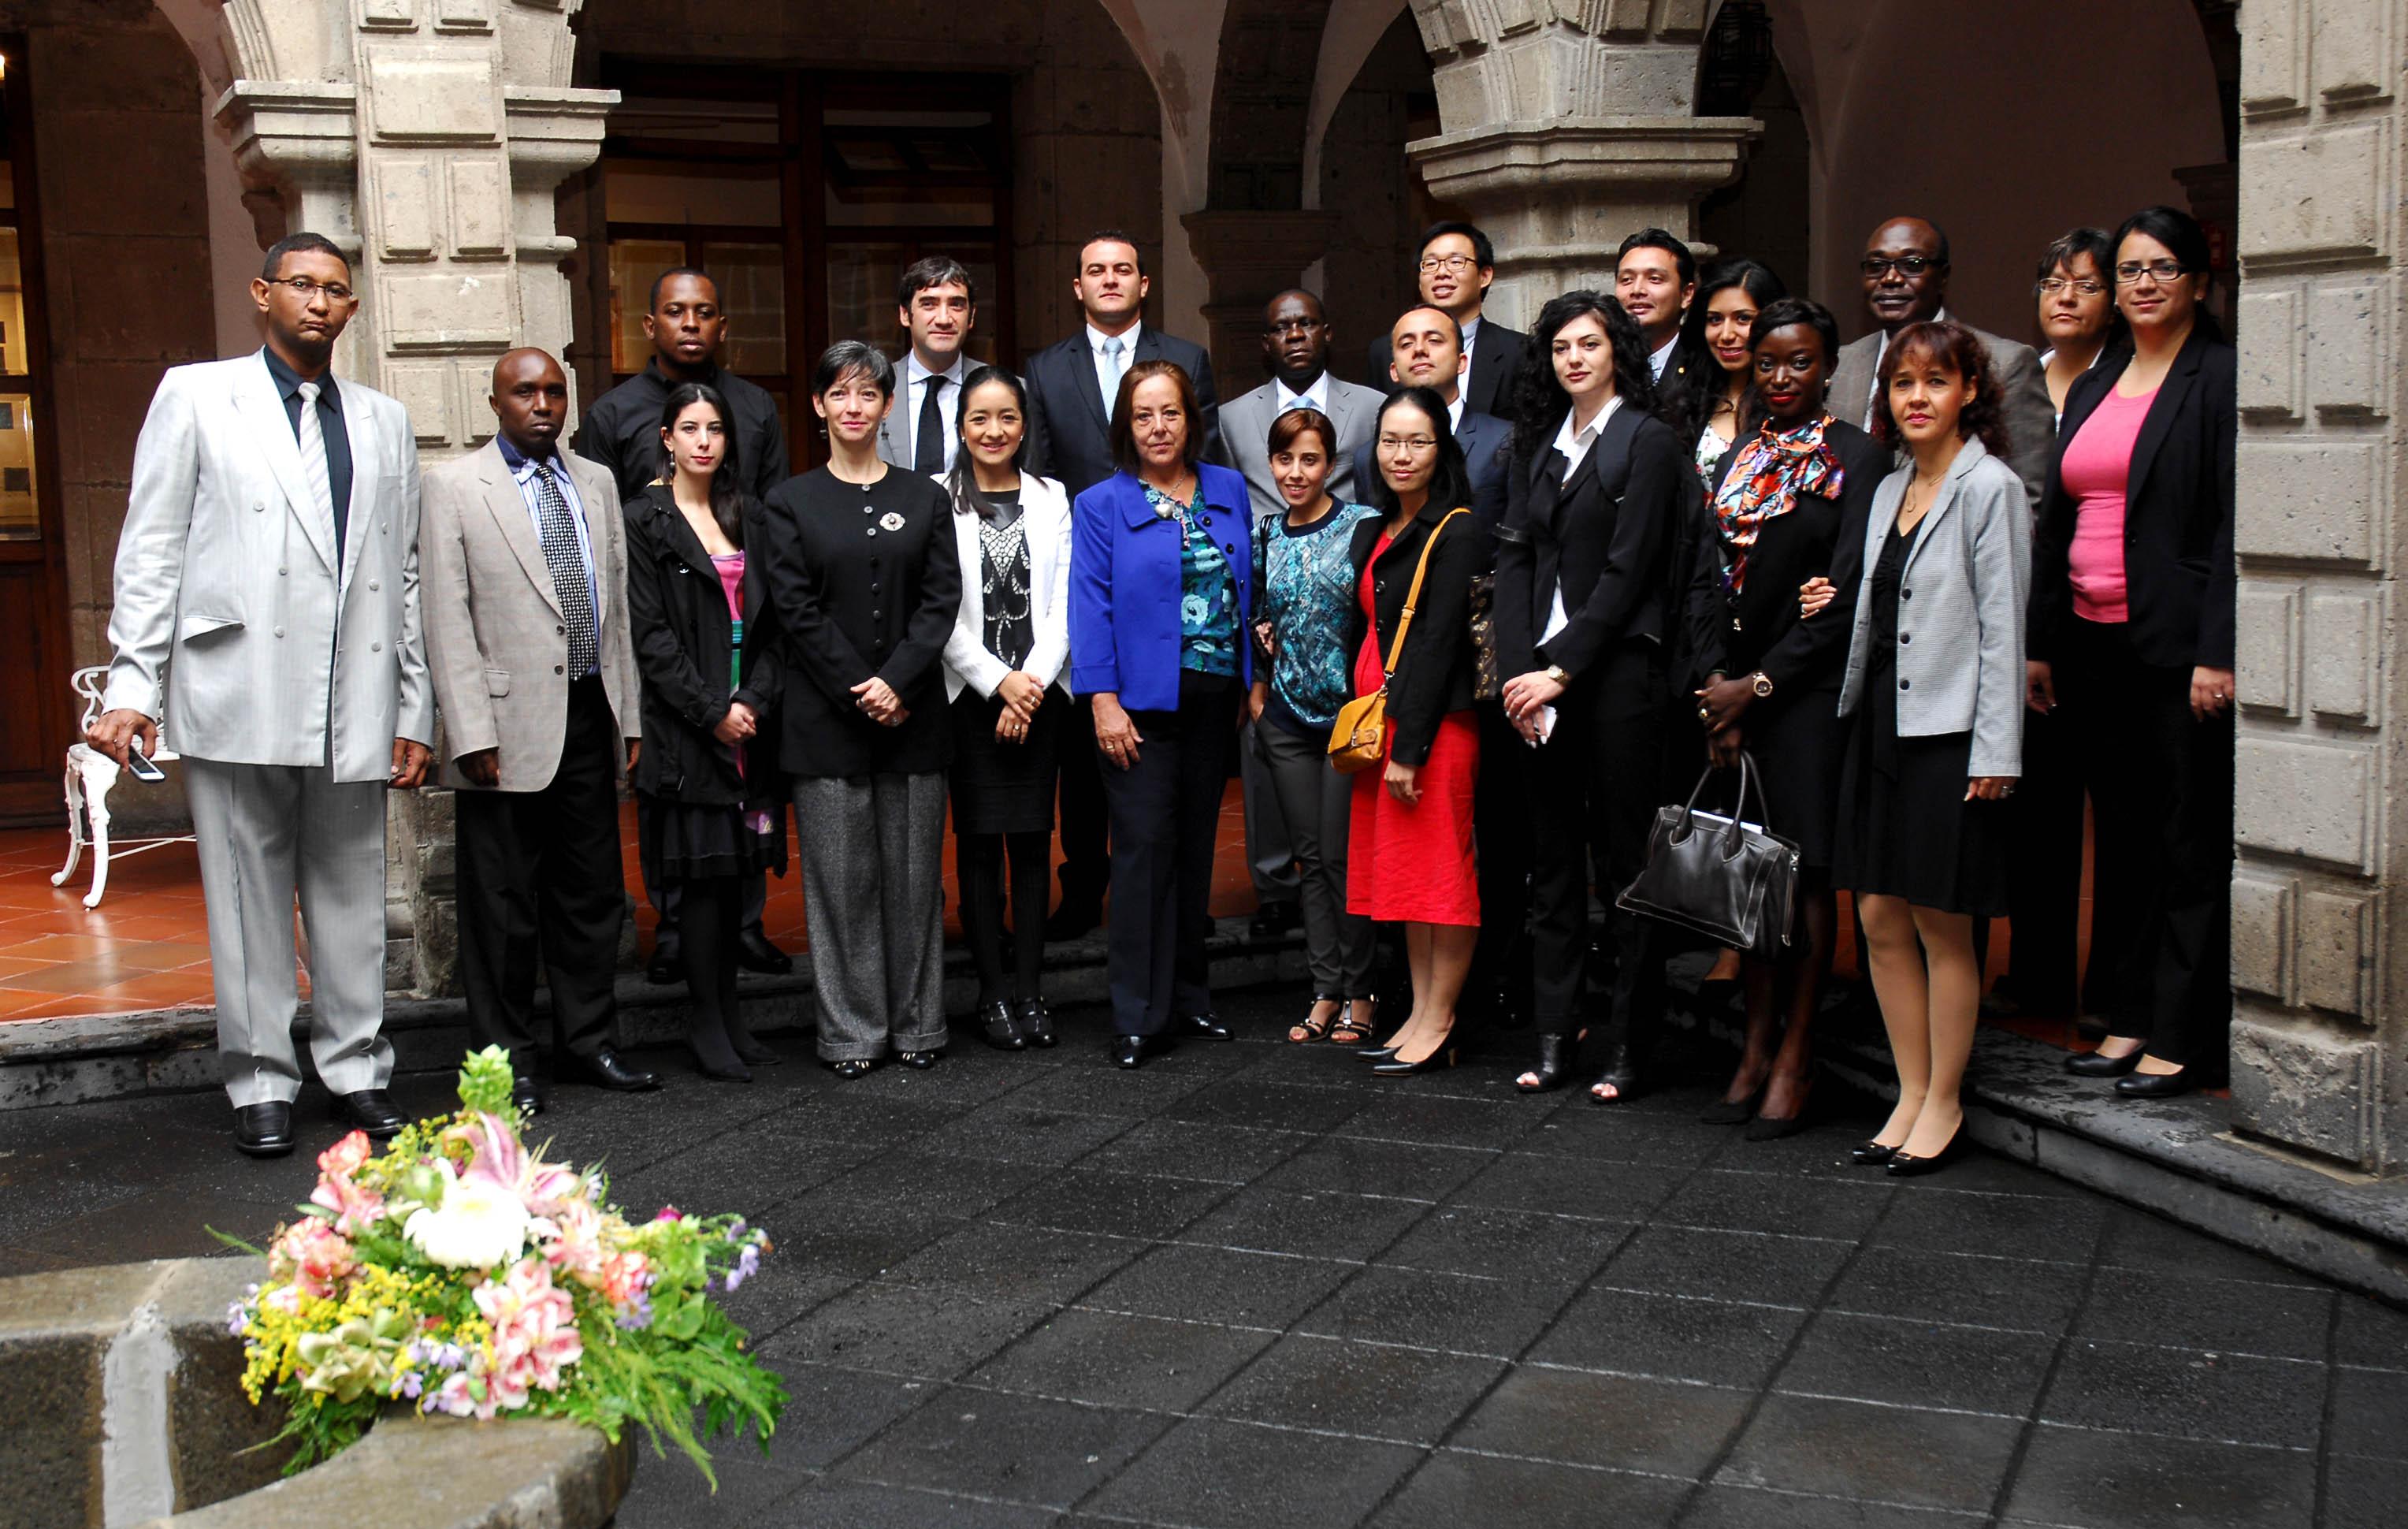 Inició el VII Curso de Español para Diplomáticos Extranjeros, en el que participan jóvenes diplomáticos de 14 naciones de África, Asia, Europa, Medio Oriente y América Latina